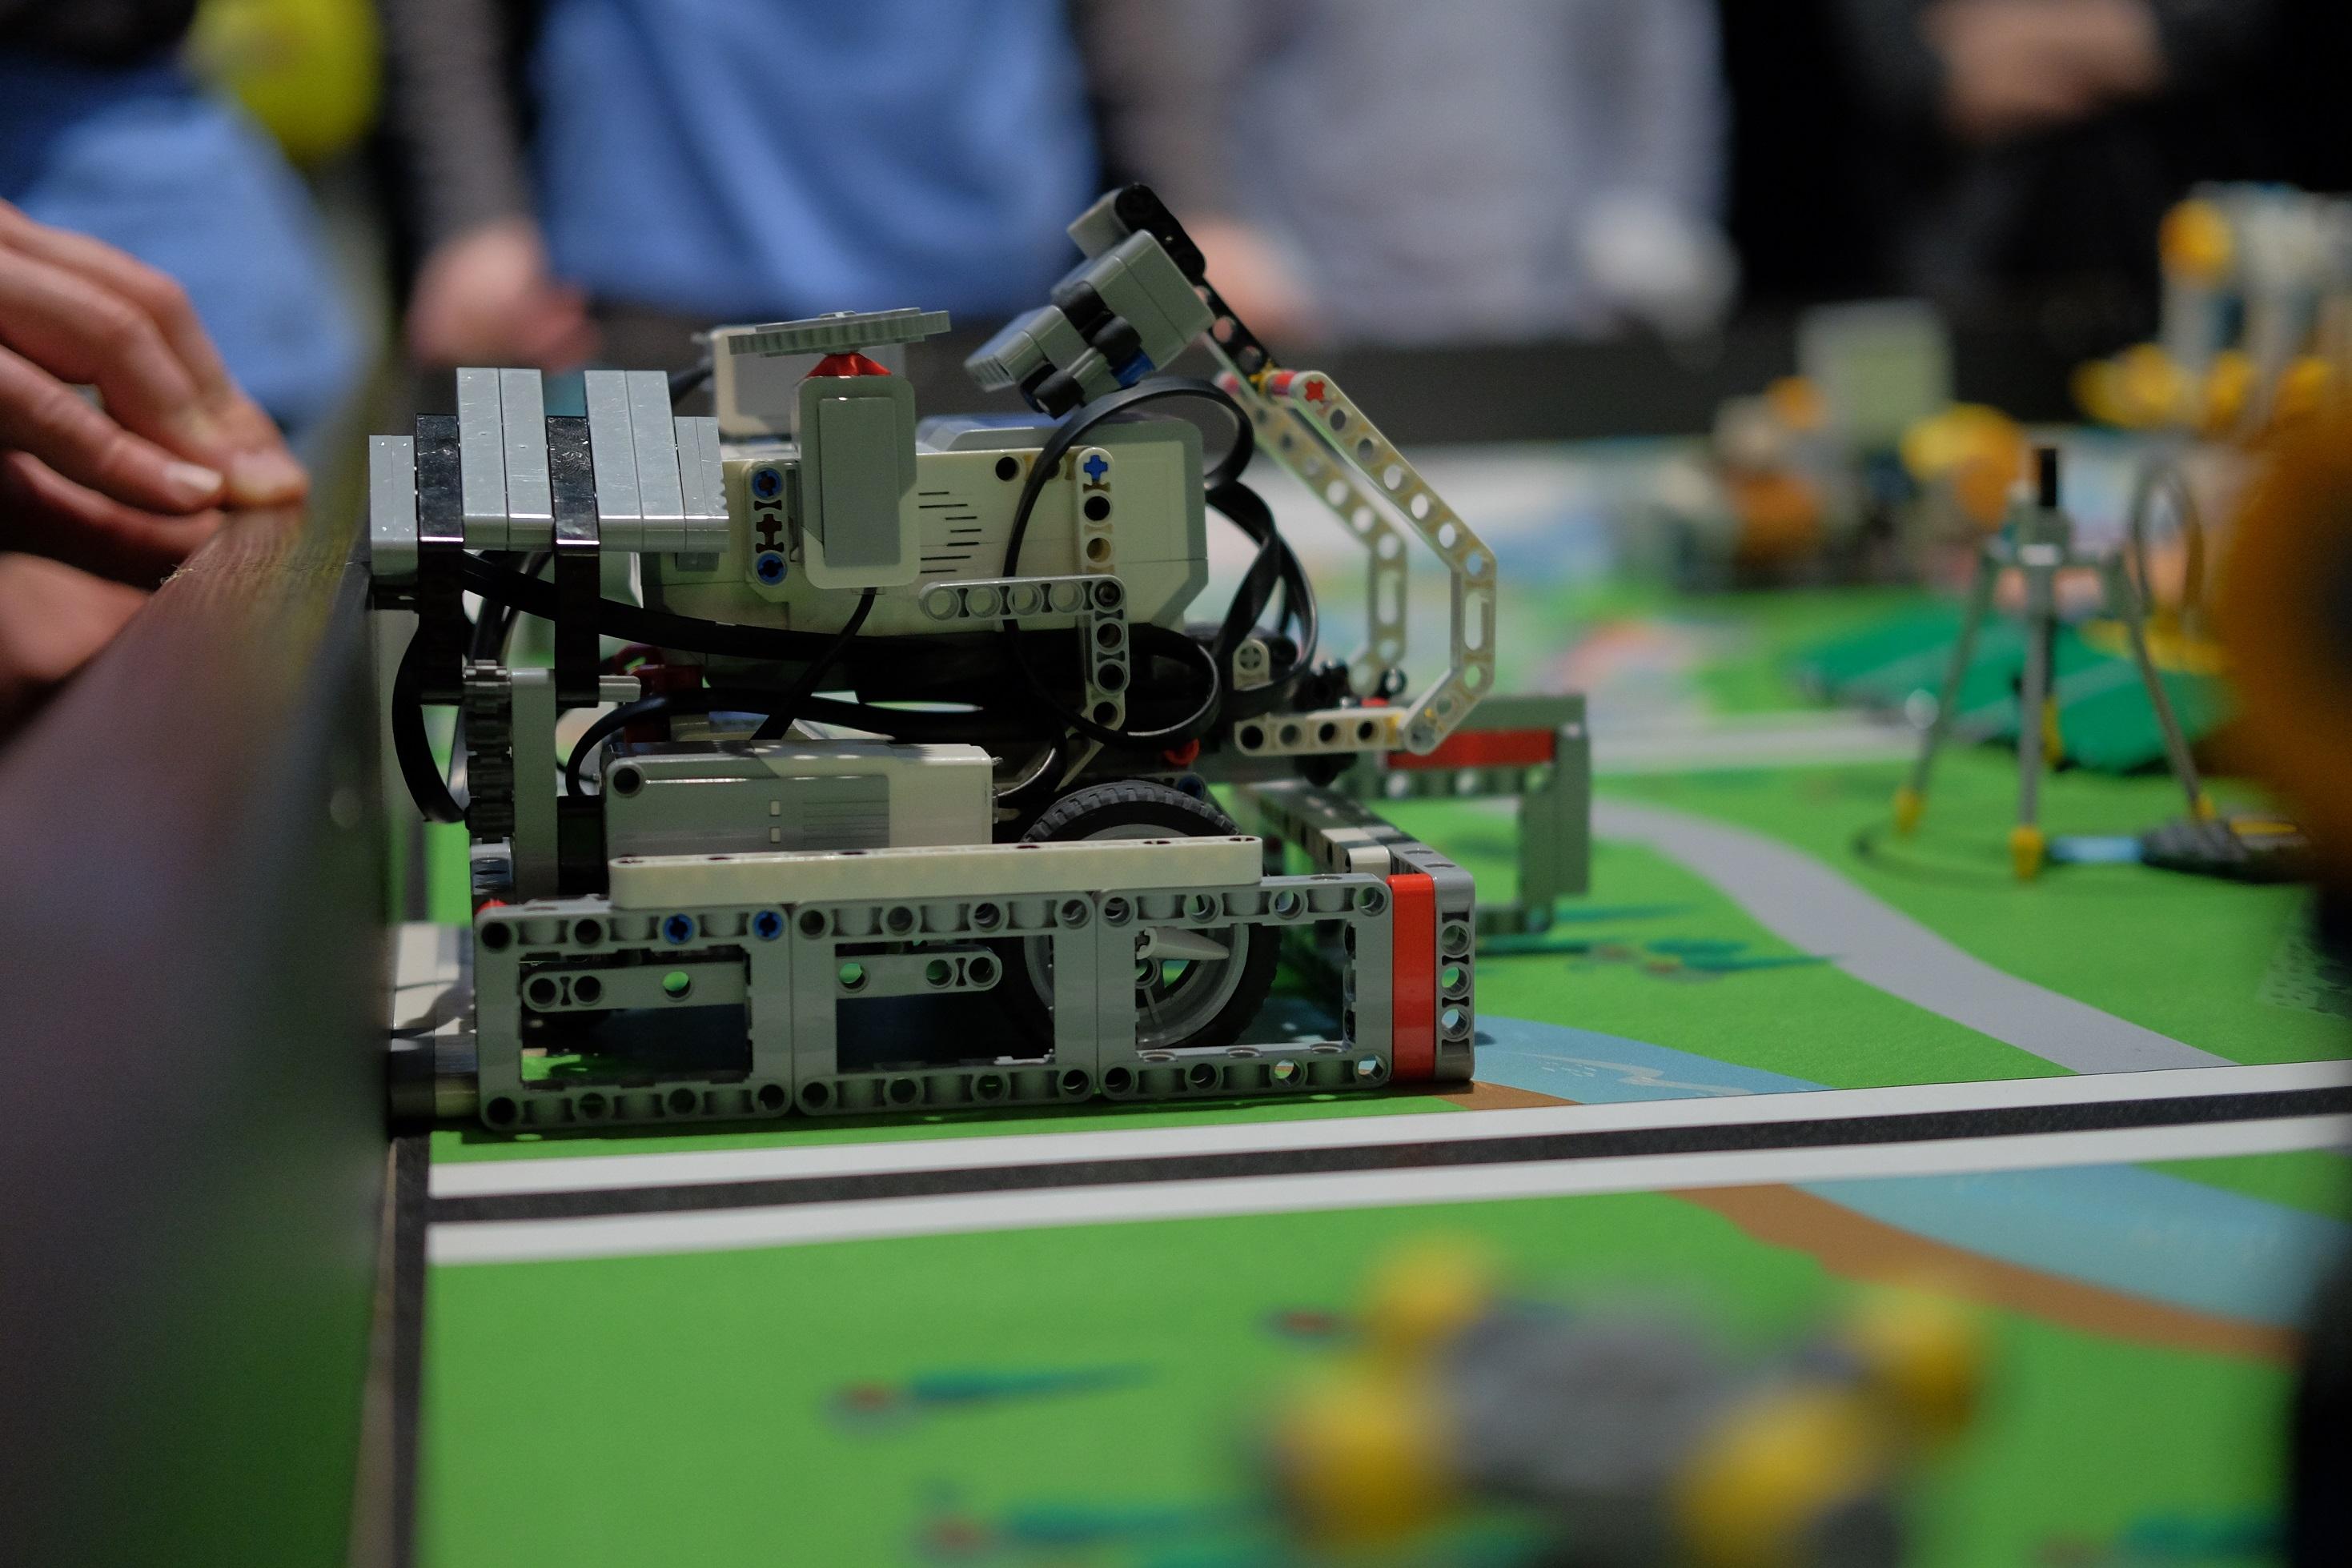 10 tímov zo Slovenska vycestuje s robotmi do Poľska, zabojujú o postup do finále FIRST LEGO League 7